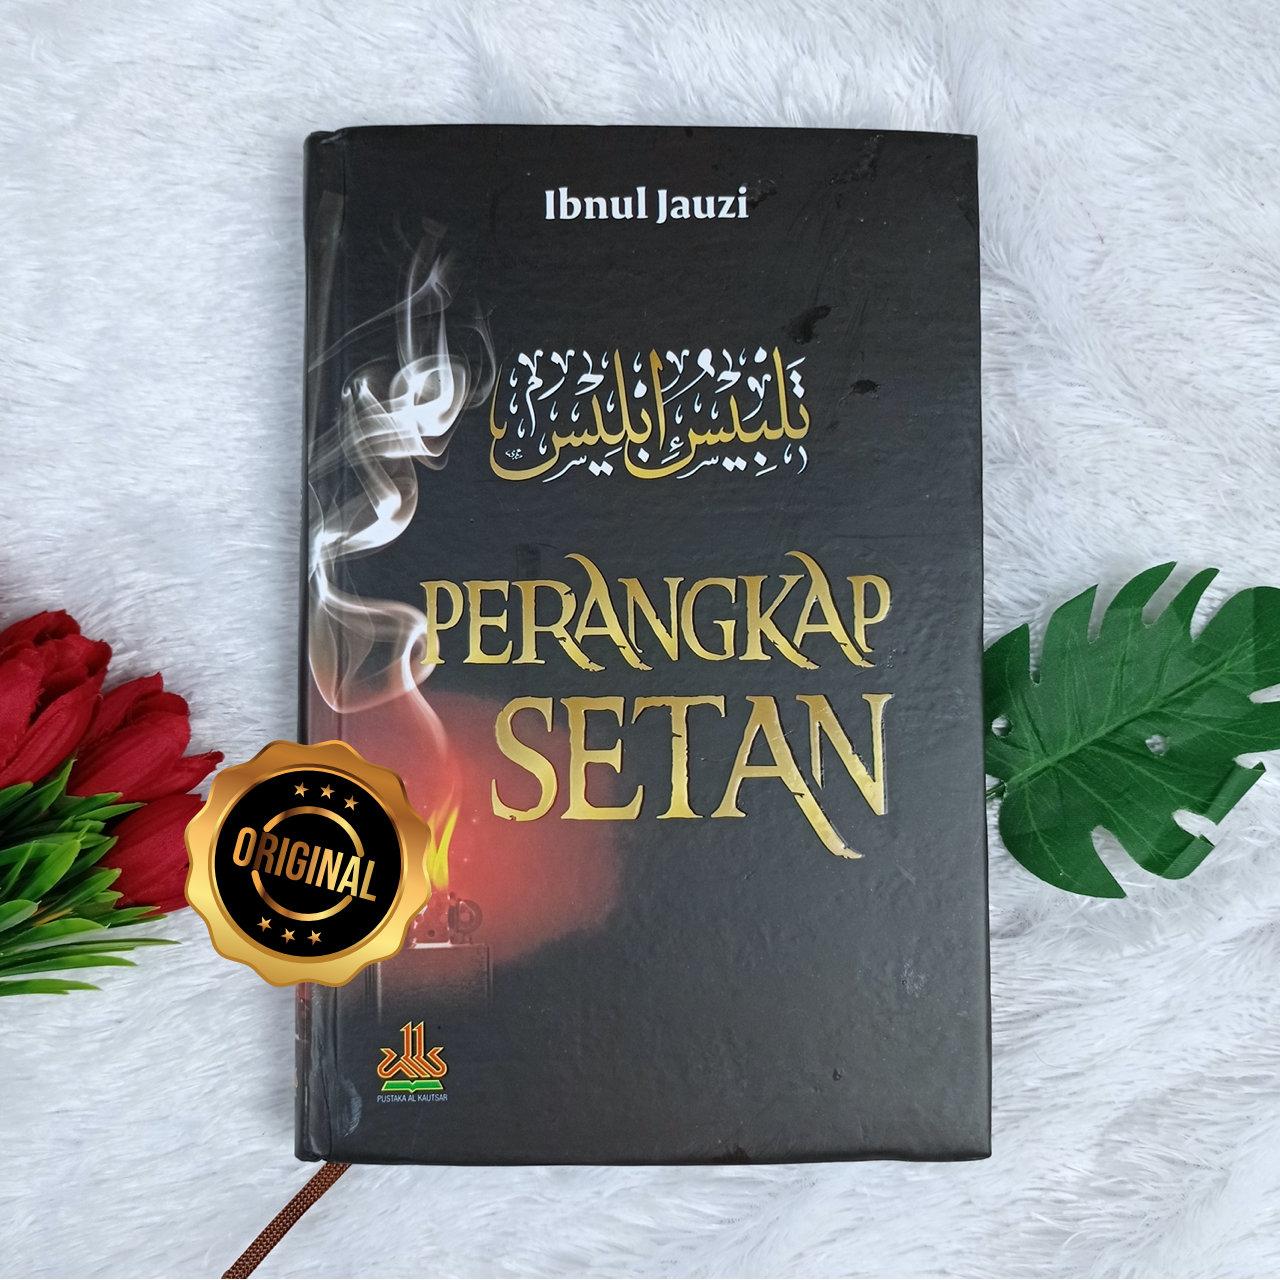 Buku Perangkap Setan Mawas Diri Dan Berbagai Macam Kiat Menghindarinya